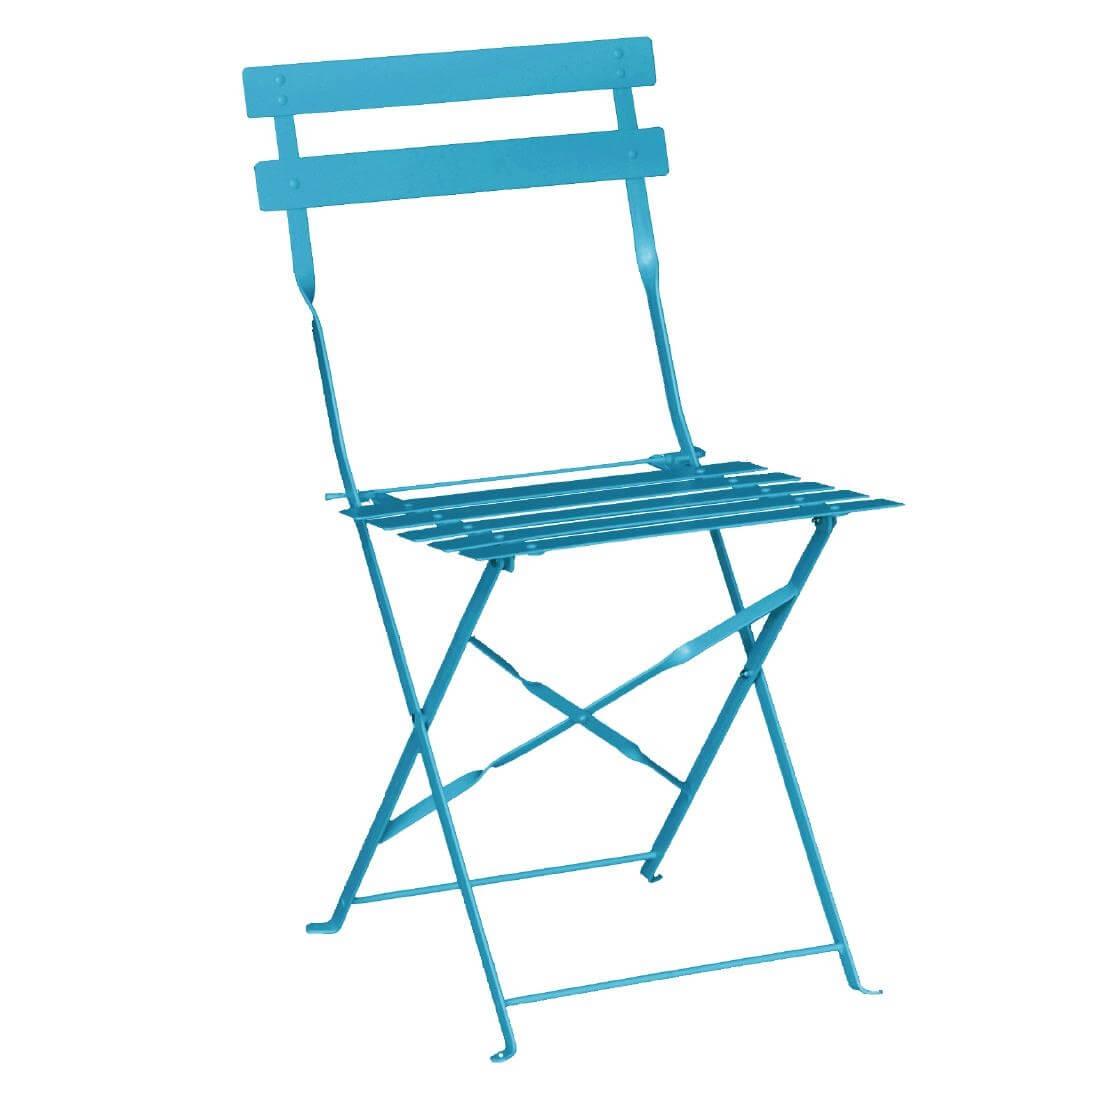 Steel Folding Chair - Blue